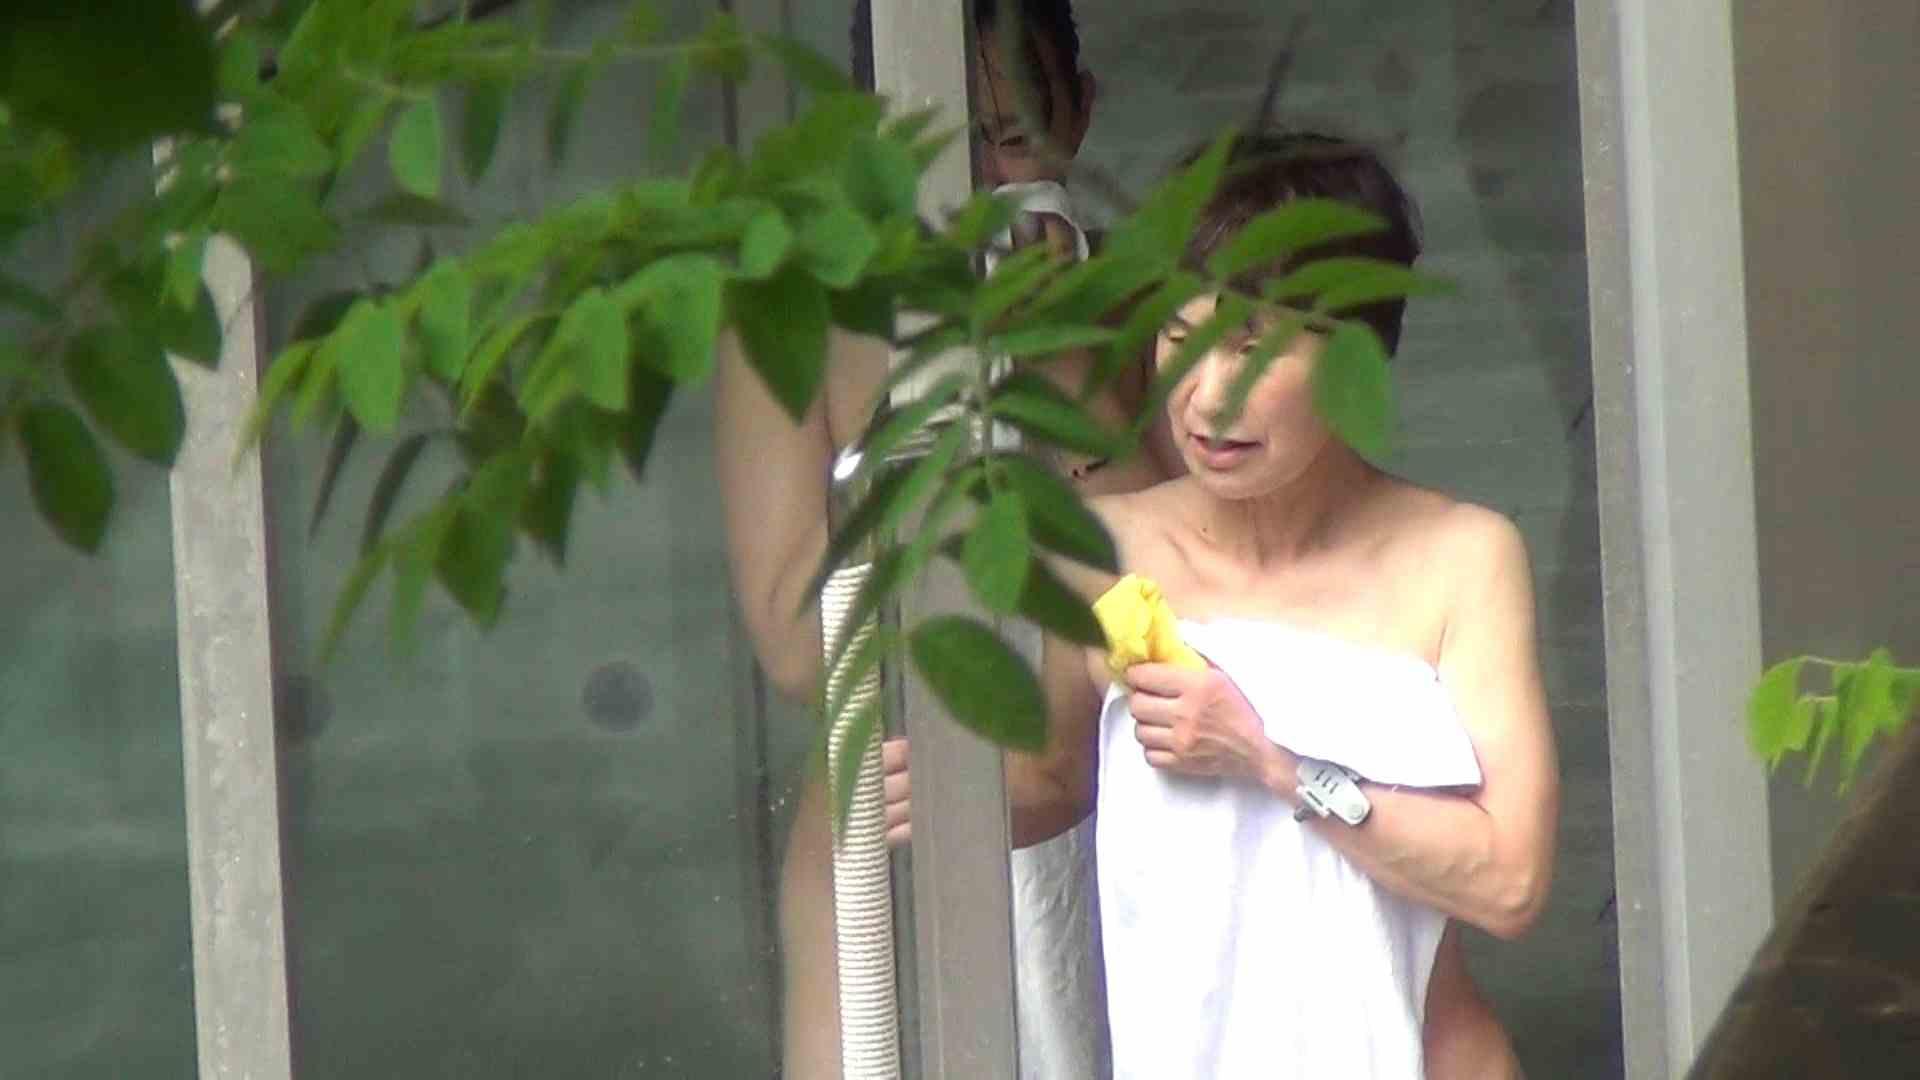 ハイビジョンVol.26 お待ちかねピチピチ嬢の登場! 巨乳 AV無料 64画像 22